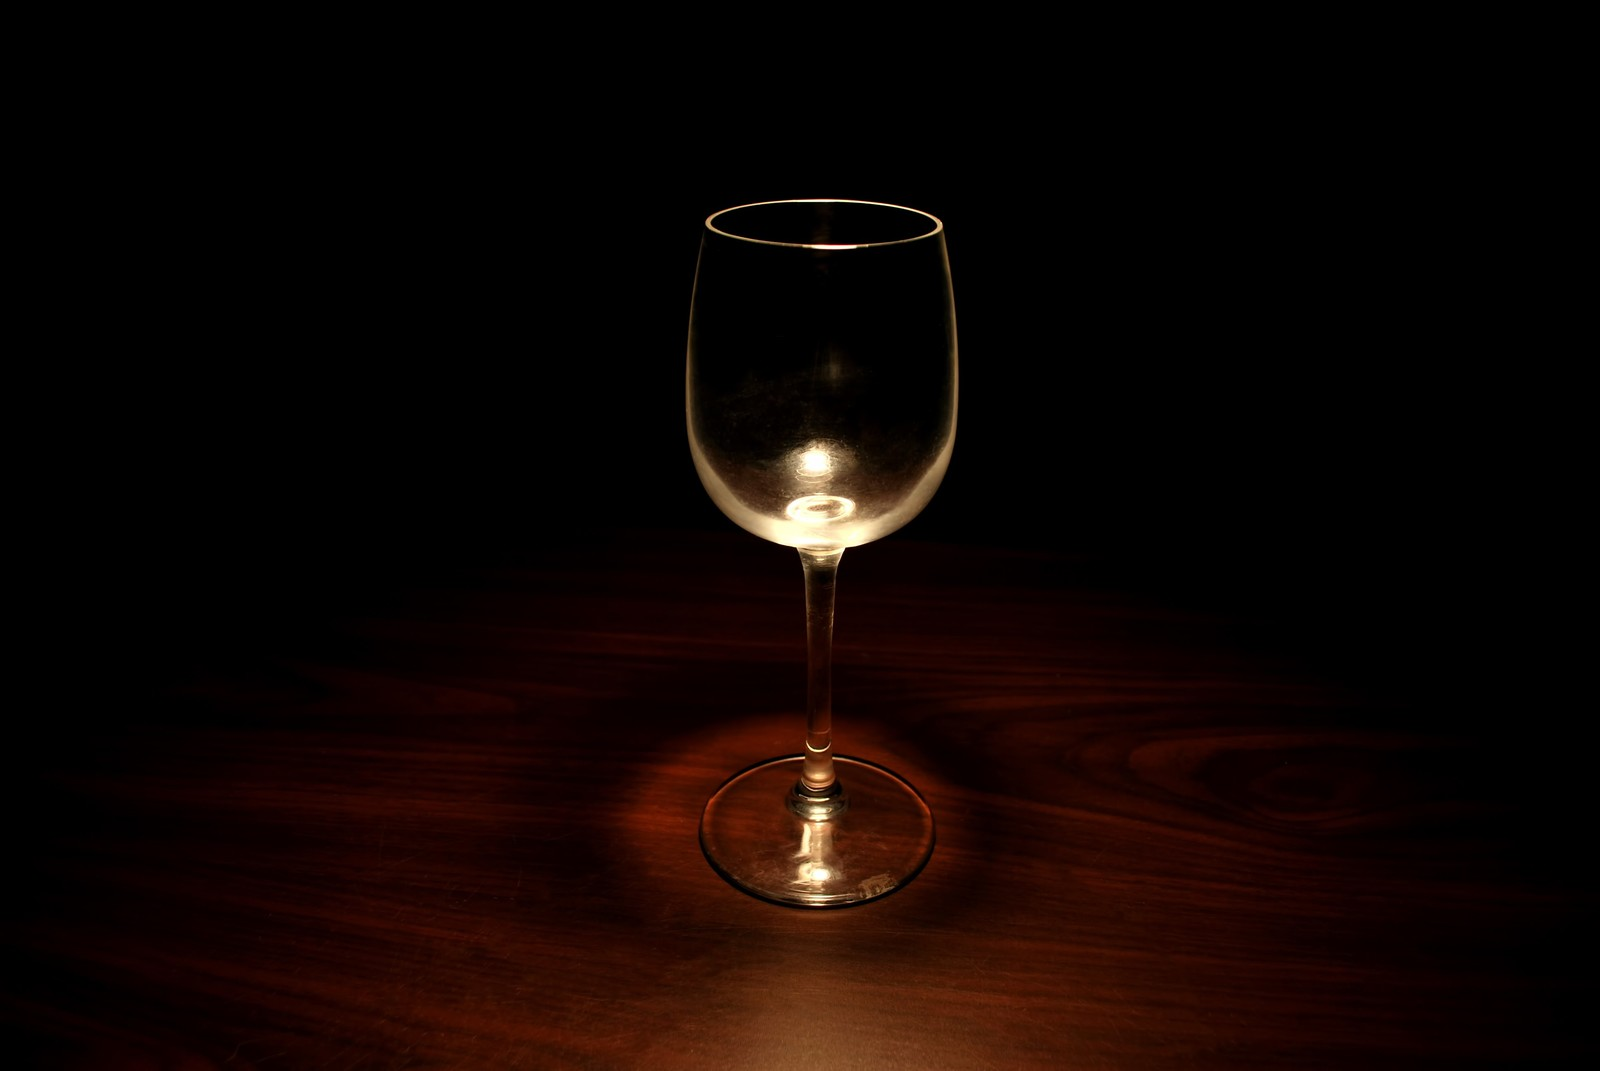 「暗闇の中のグラス暗闇の中のグラス」のフリー写真素材を拡大